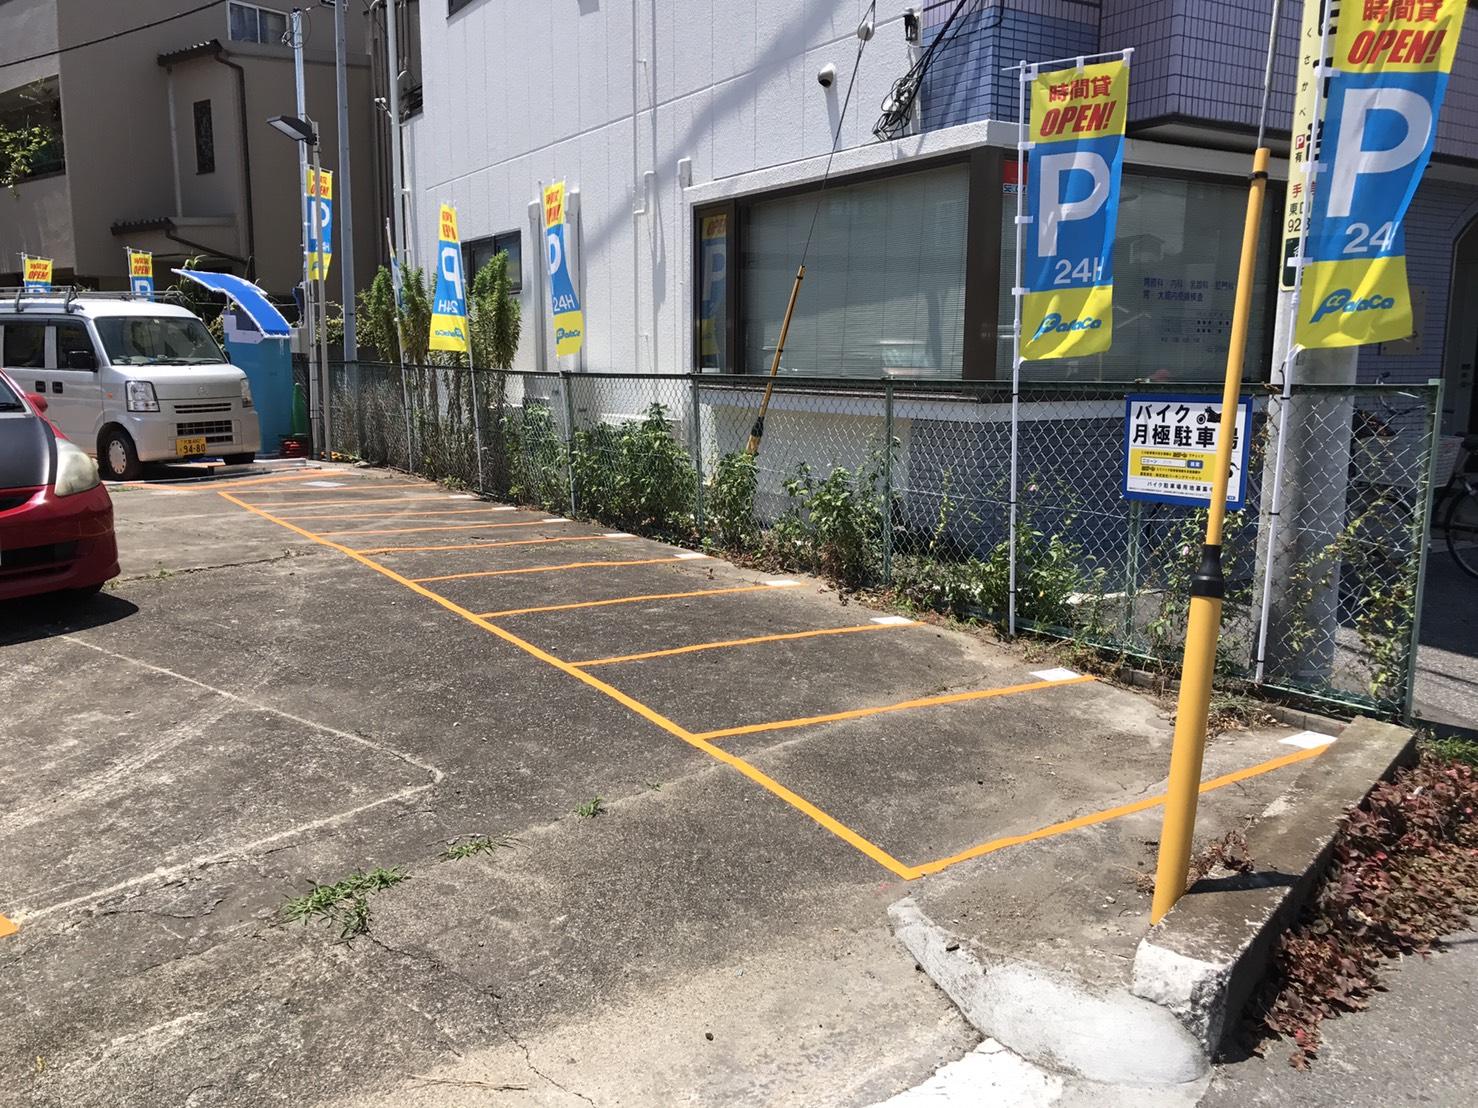 月極駐車場 パラカ草加市谷塚町第1の写真1